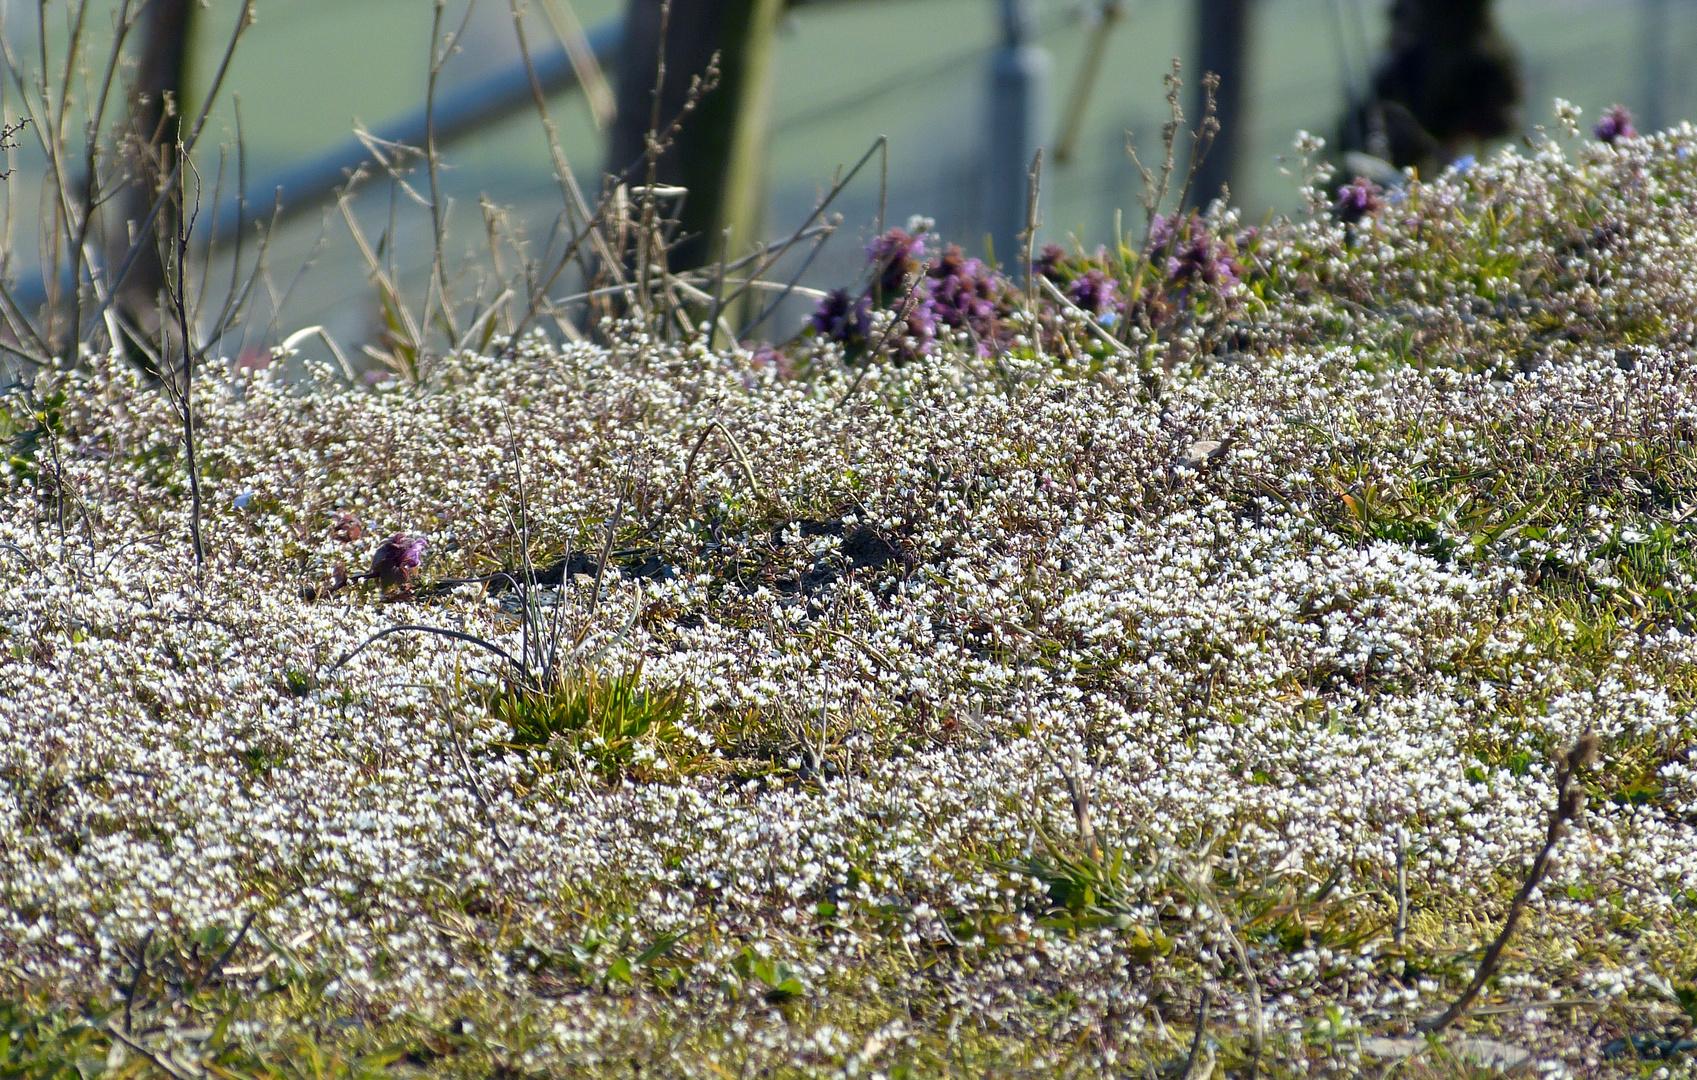 Schaumblüten - Blütenschaum